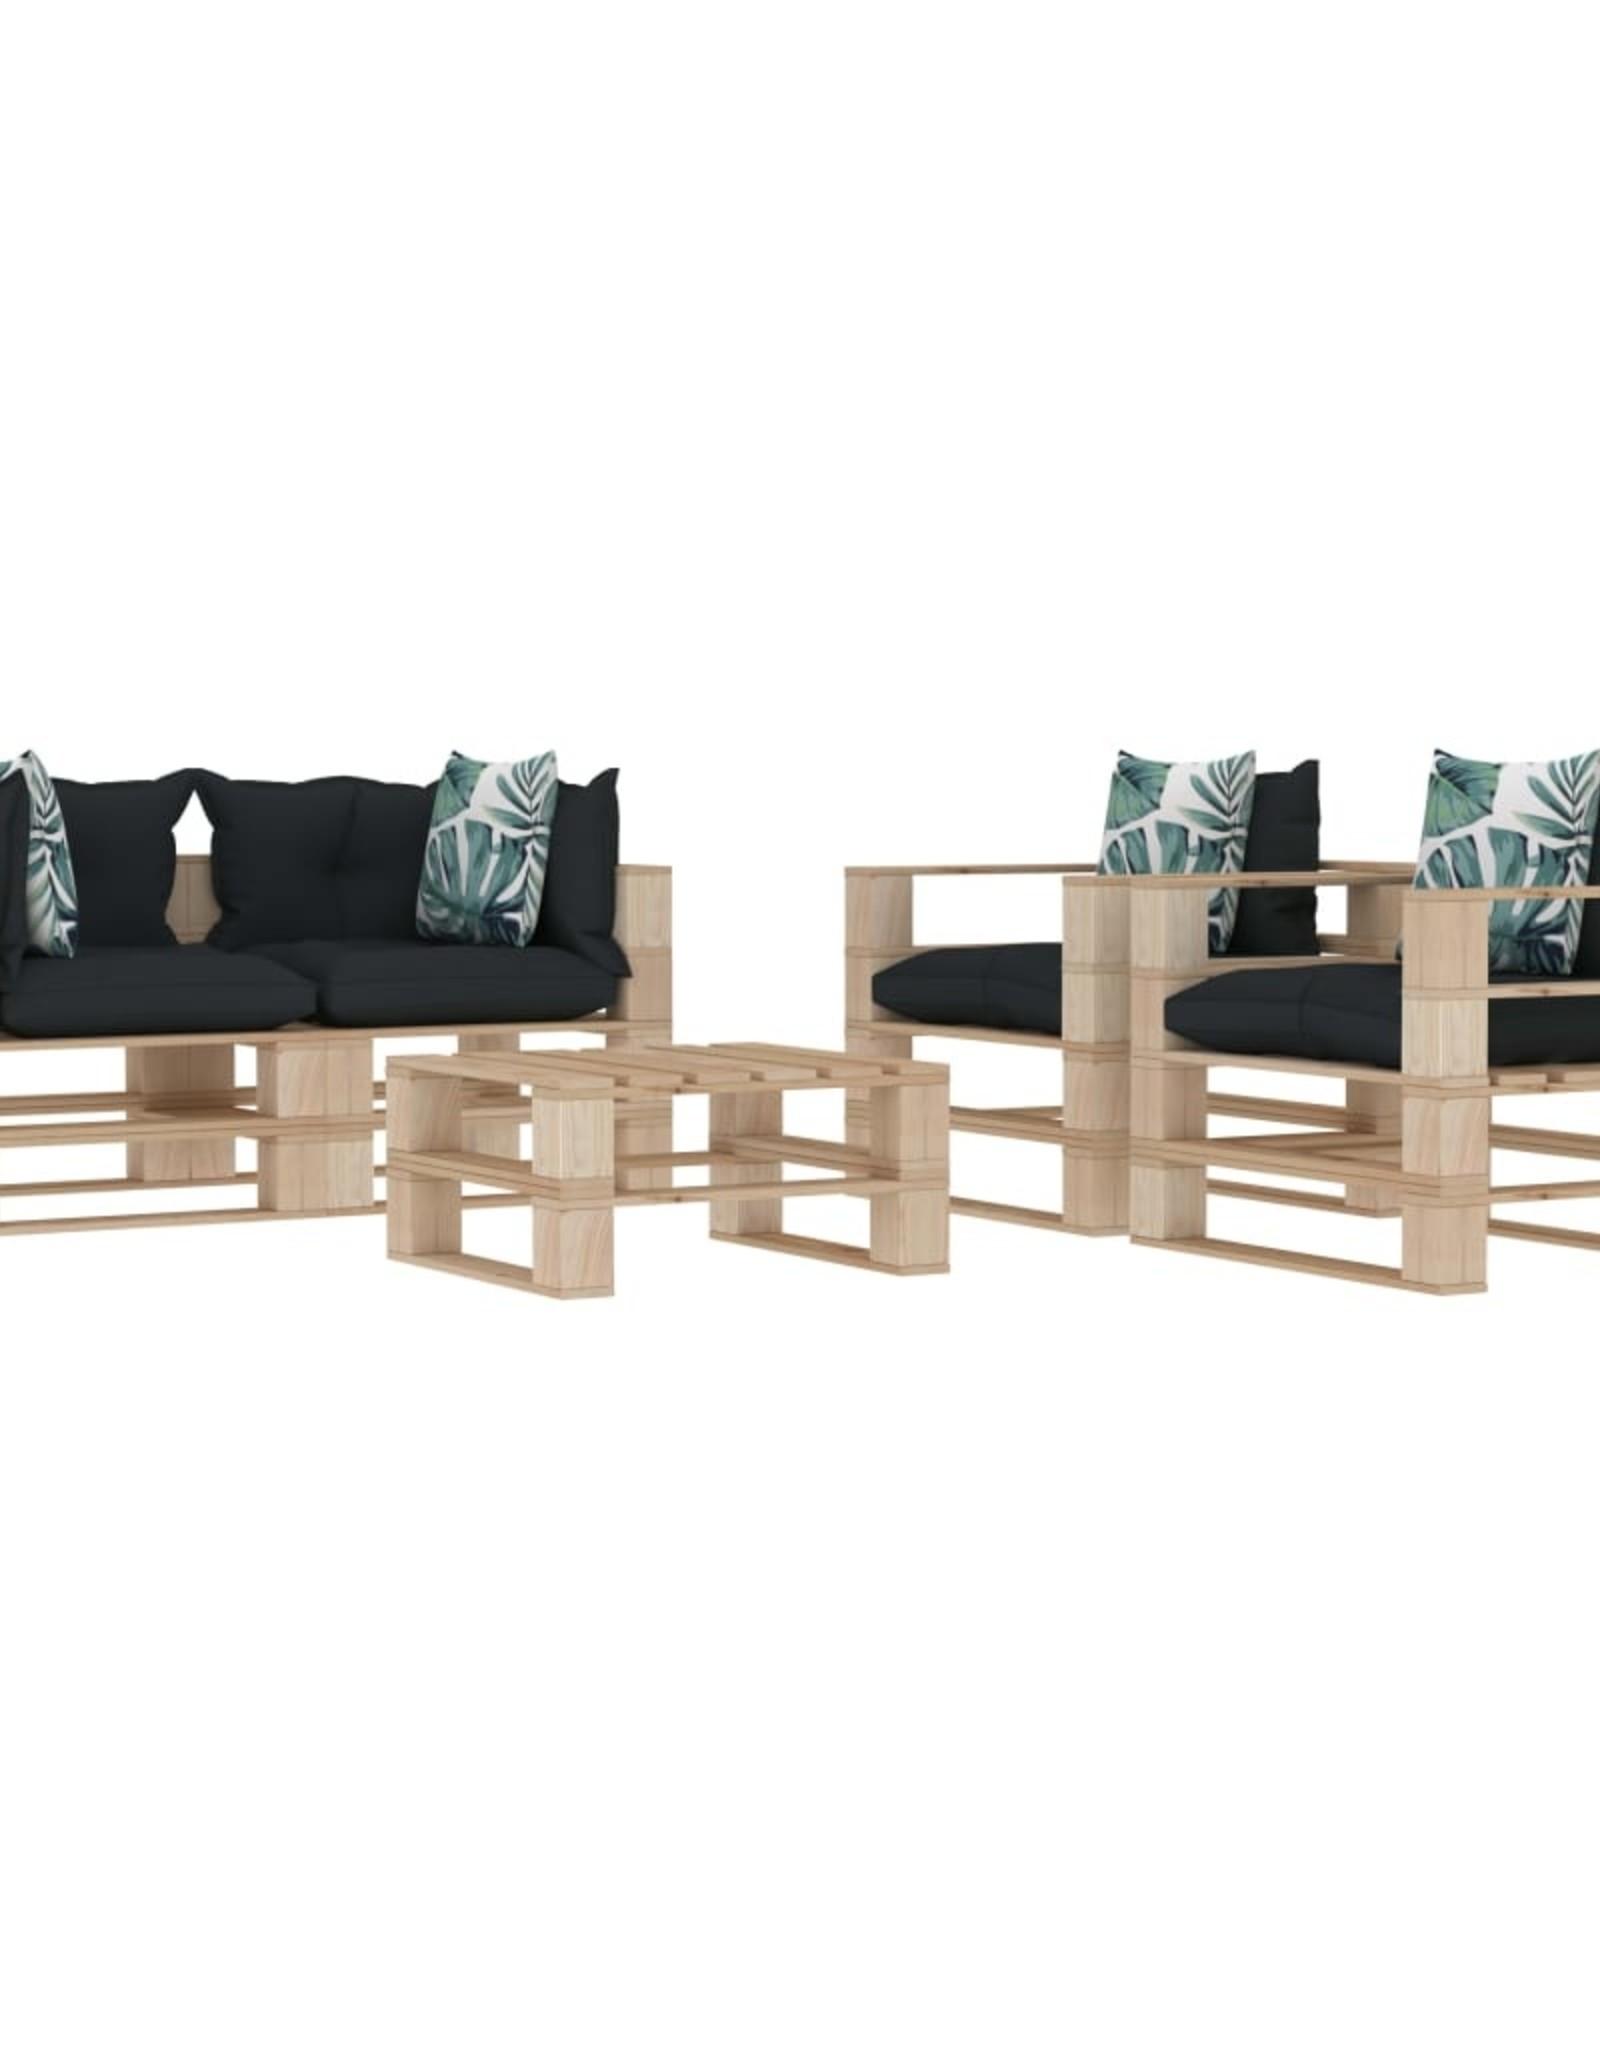 vidaXL 5-delige Loungeset met antraciet en bloemenkussens pallet hout